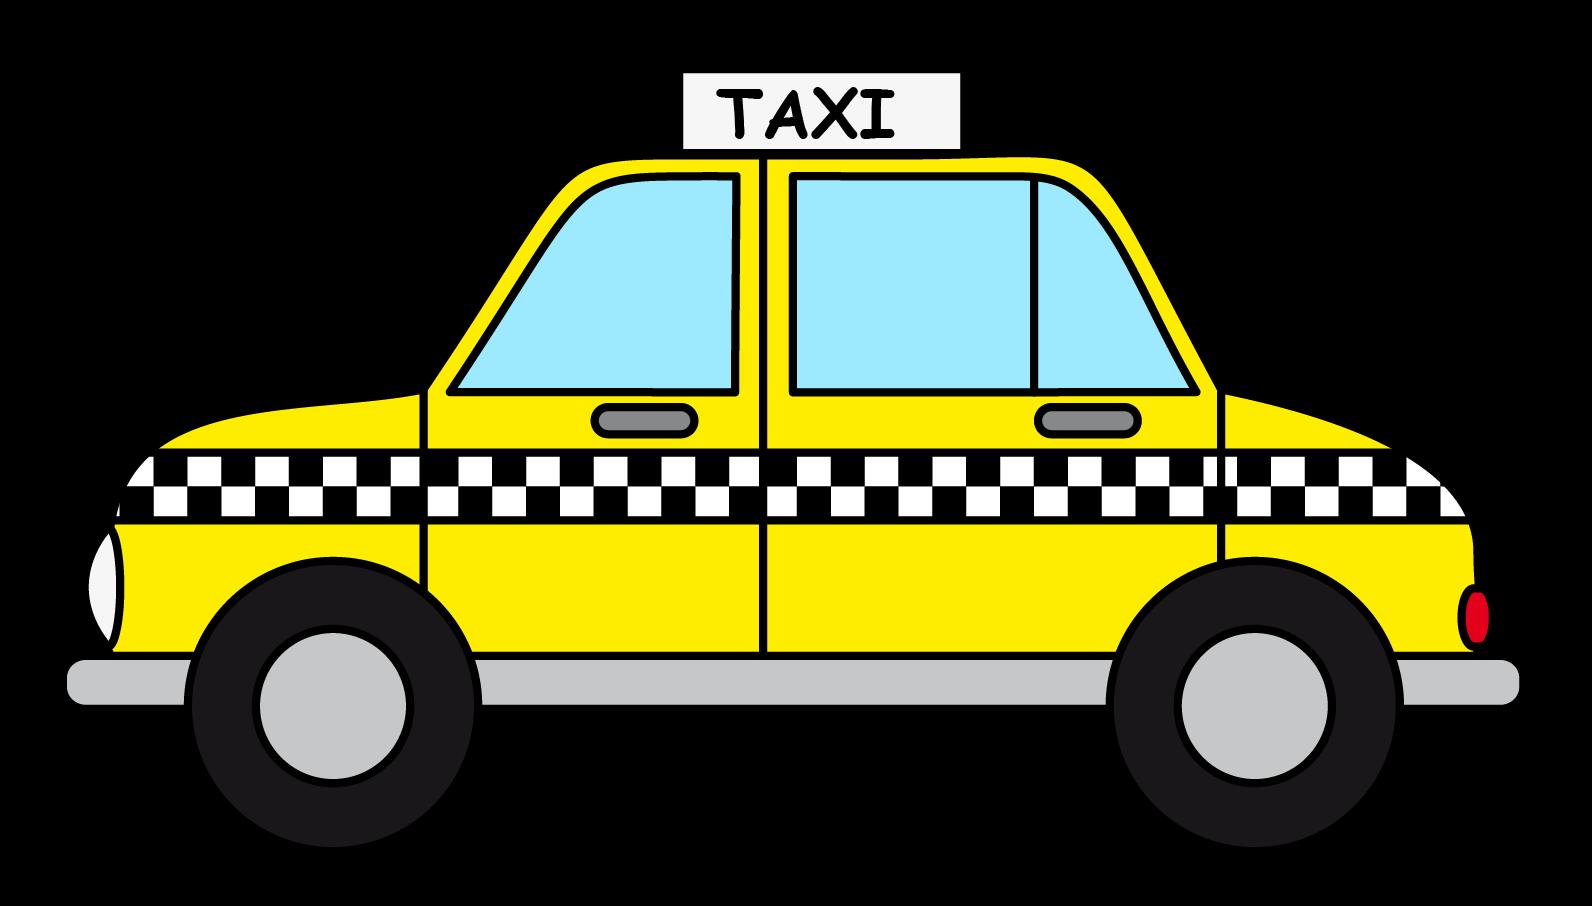 Cab Clipart: Cartoon Taxi Cab Clip Art-Cab clipart: cartoon taxi cab clip art-4